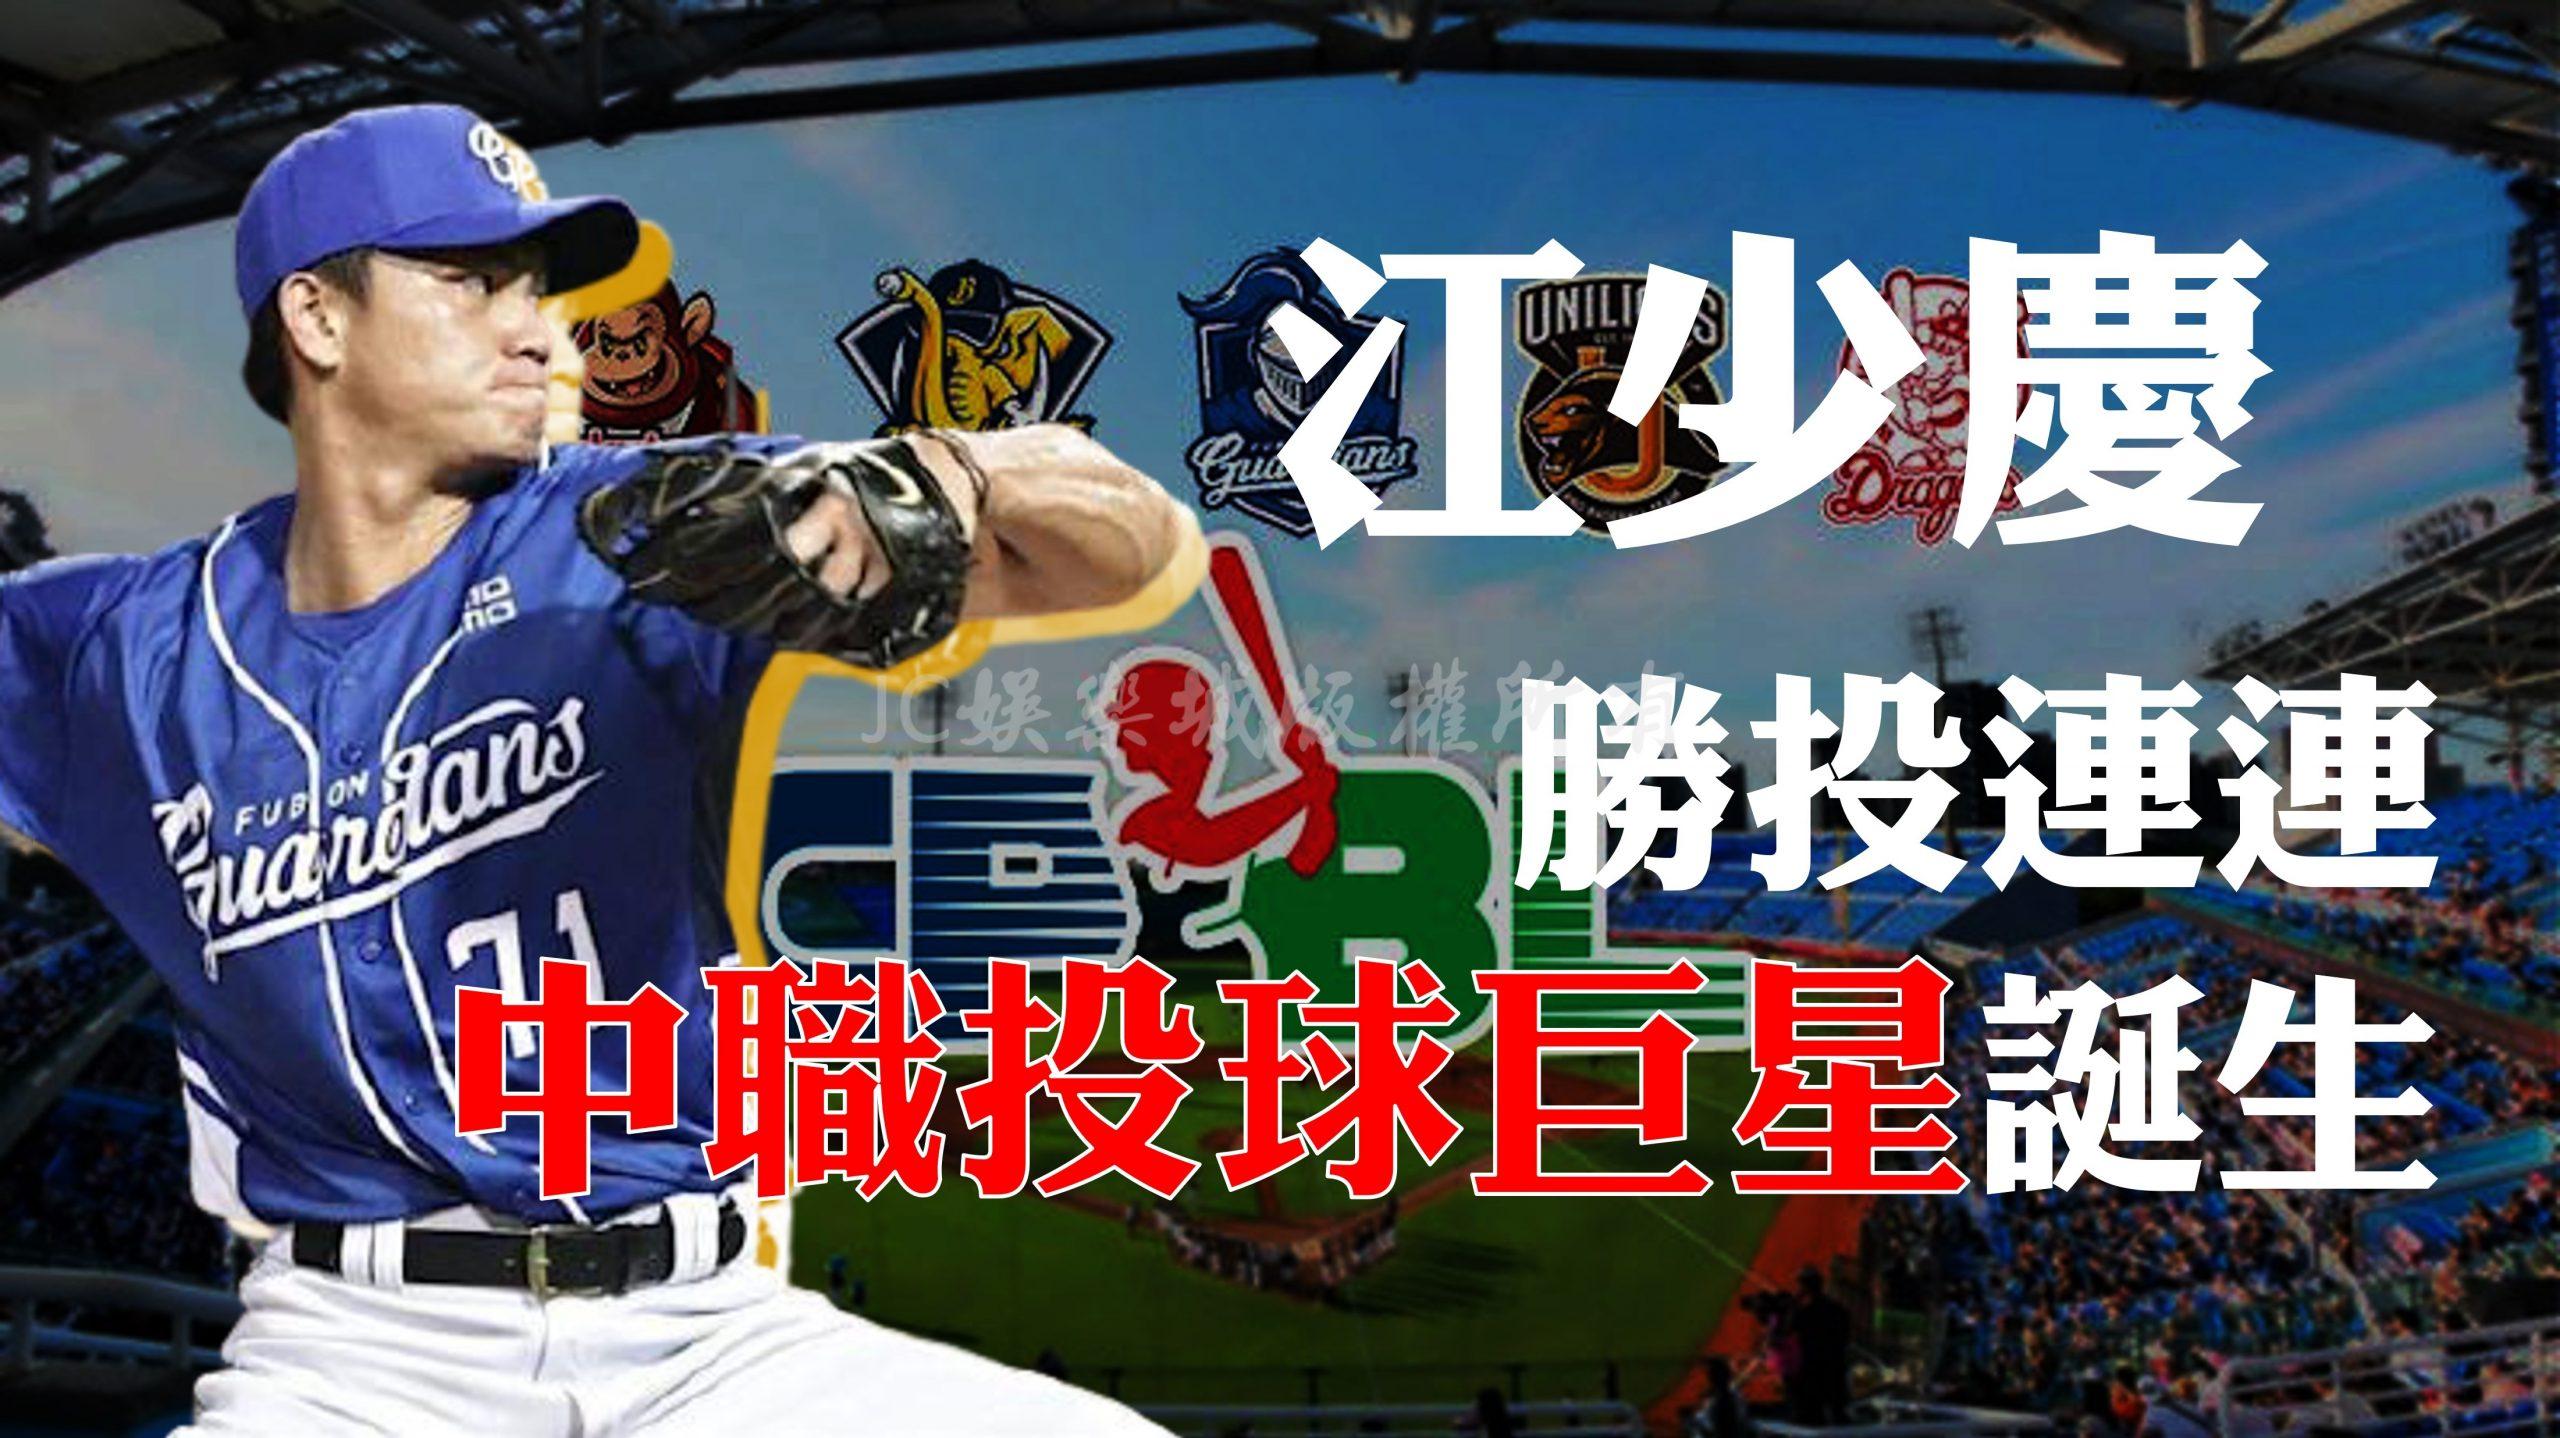 中職巨星【江少慶主投六局無失分】關鍵在於他的速球連發技巧無人可擋!